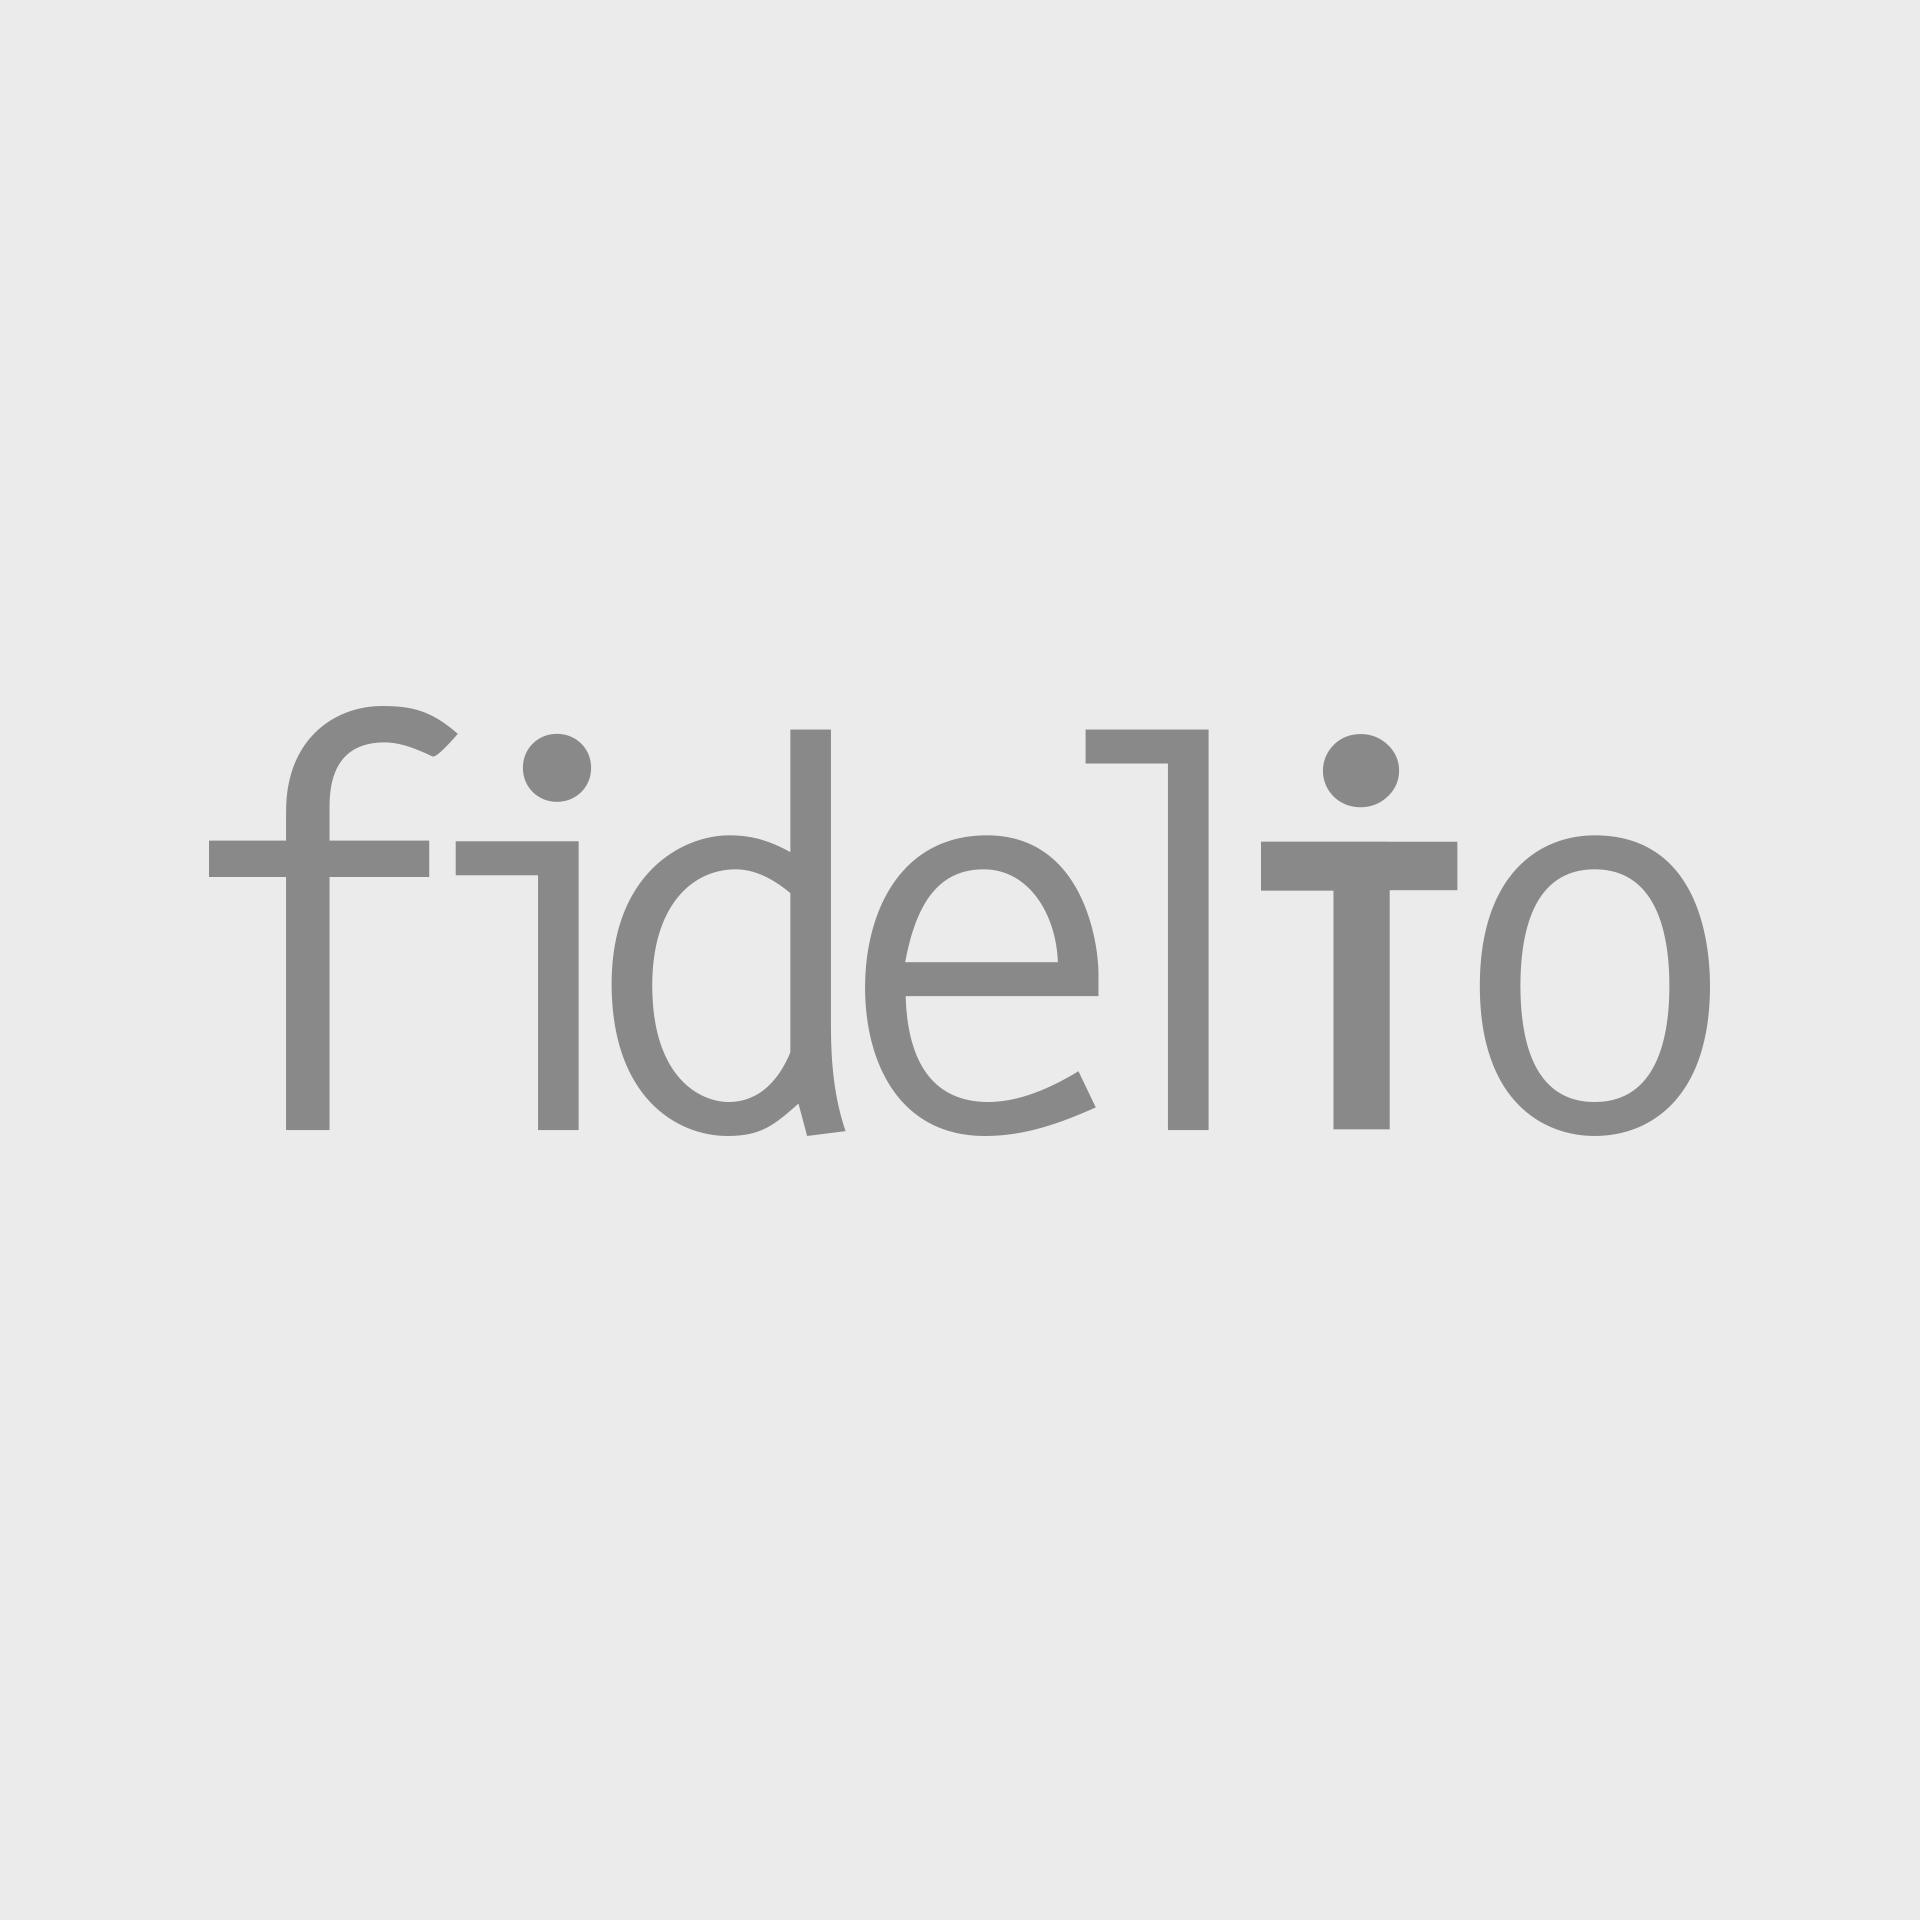 KlasszapartonFidelio-180437.jpg